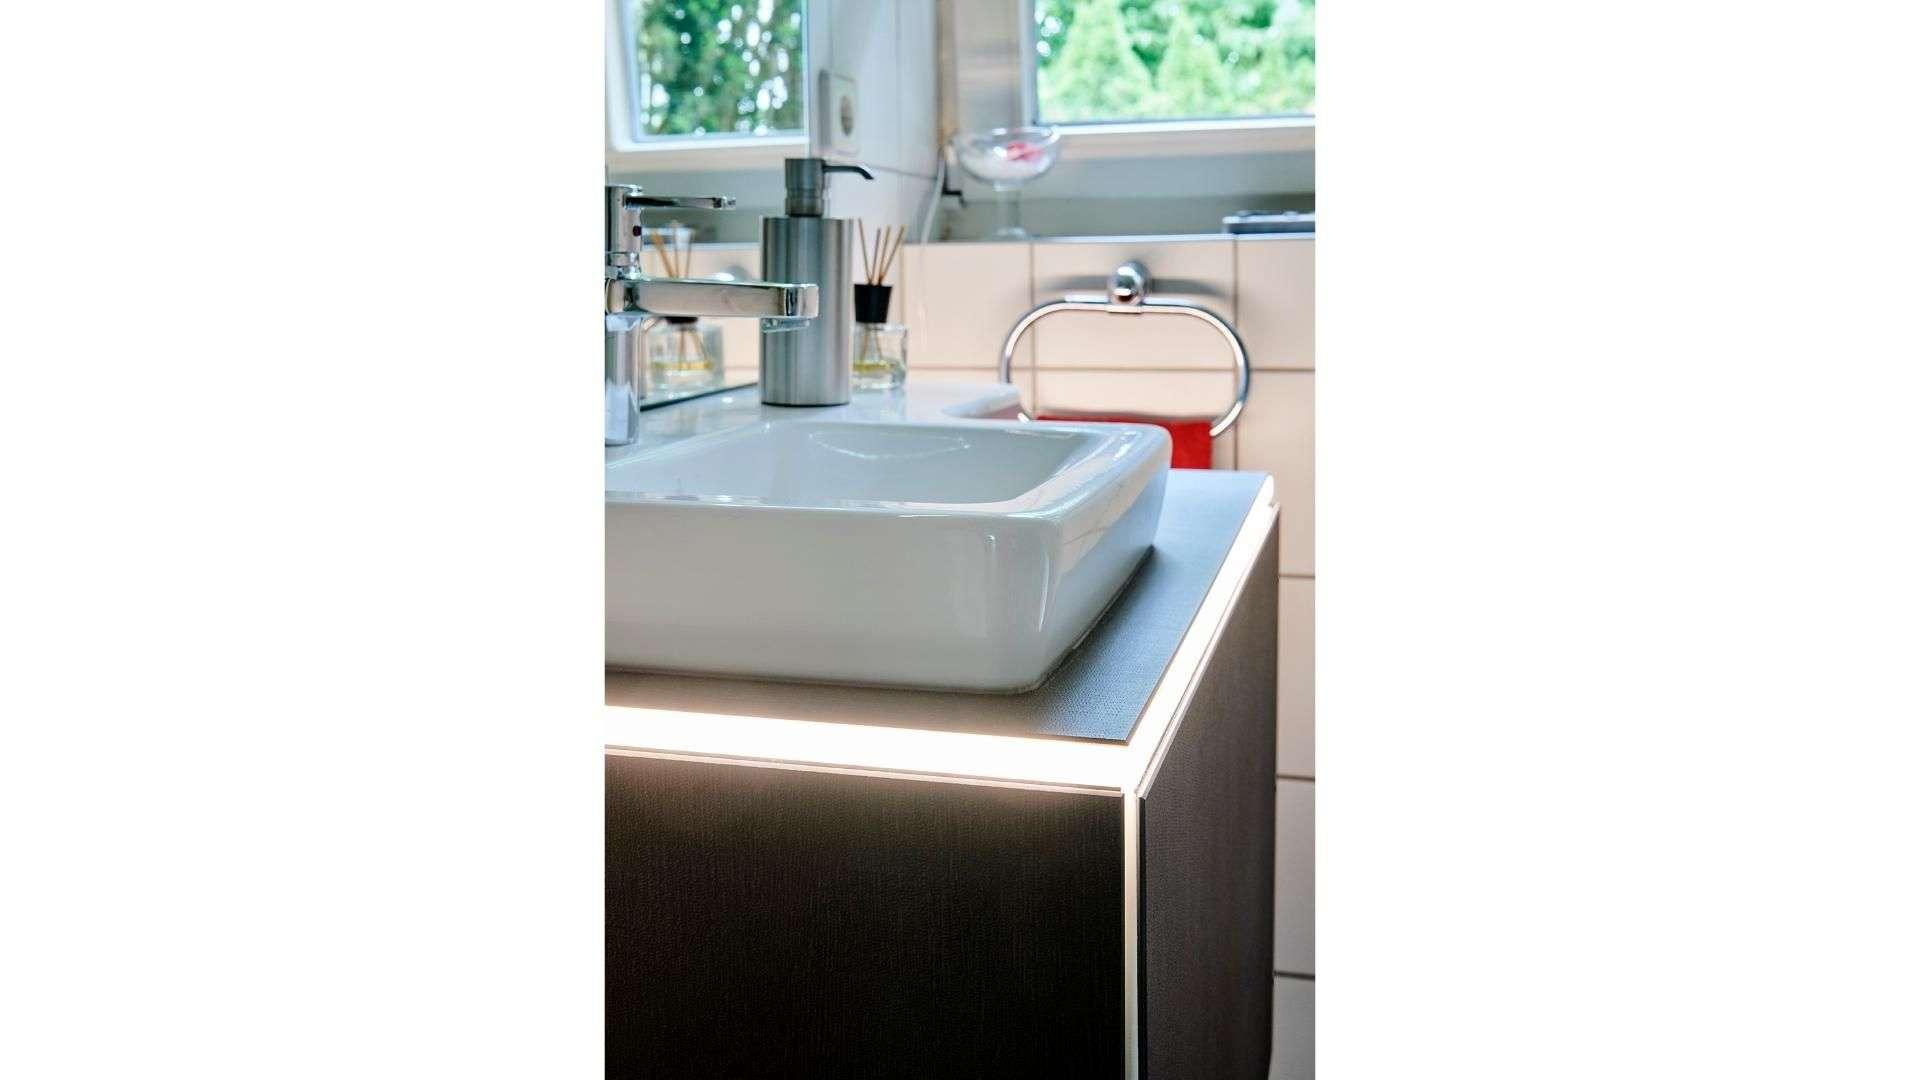 Waschbecken auf einem beleuchteten Unterschrank